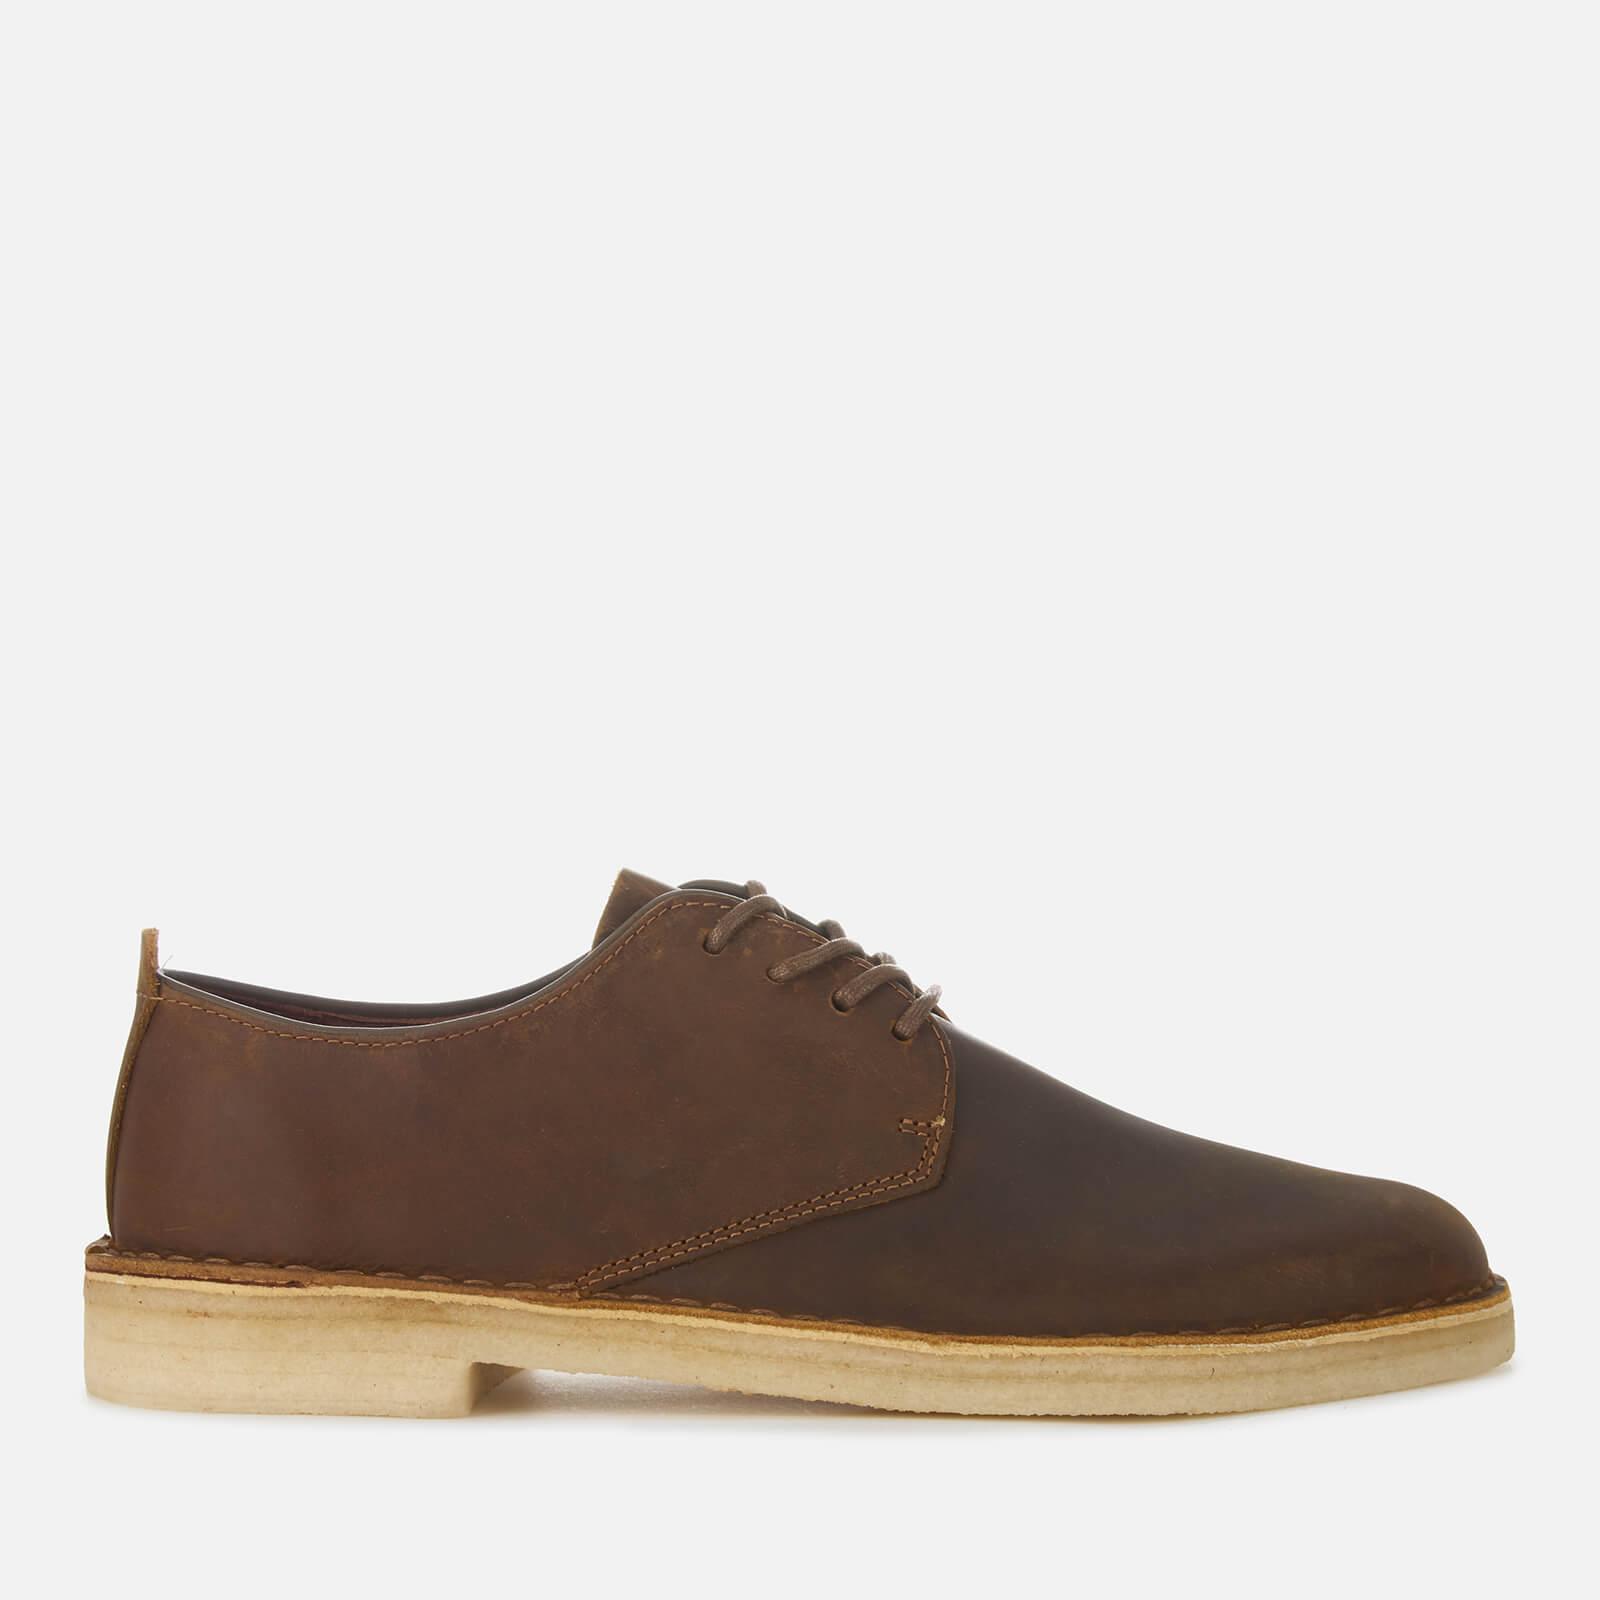 Clarks Originals Men's Desert London Shoes - Beeswax - UK 8 - Brown